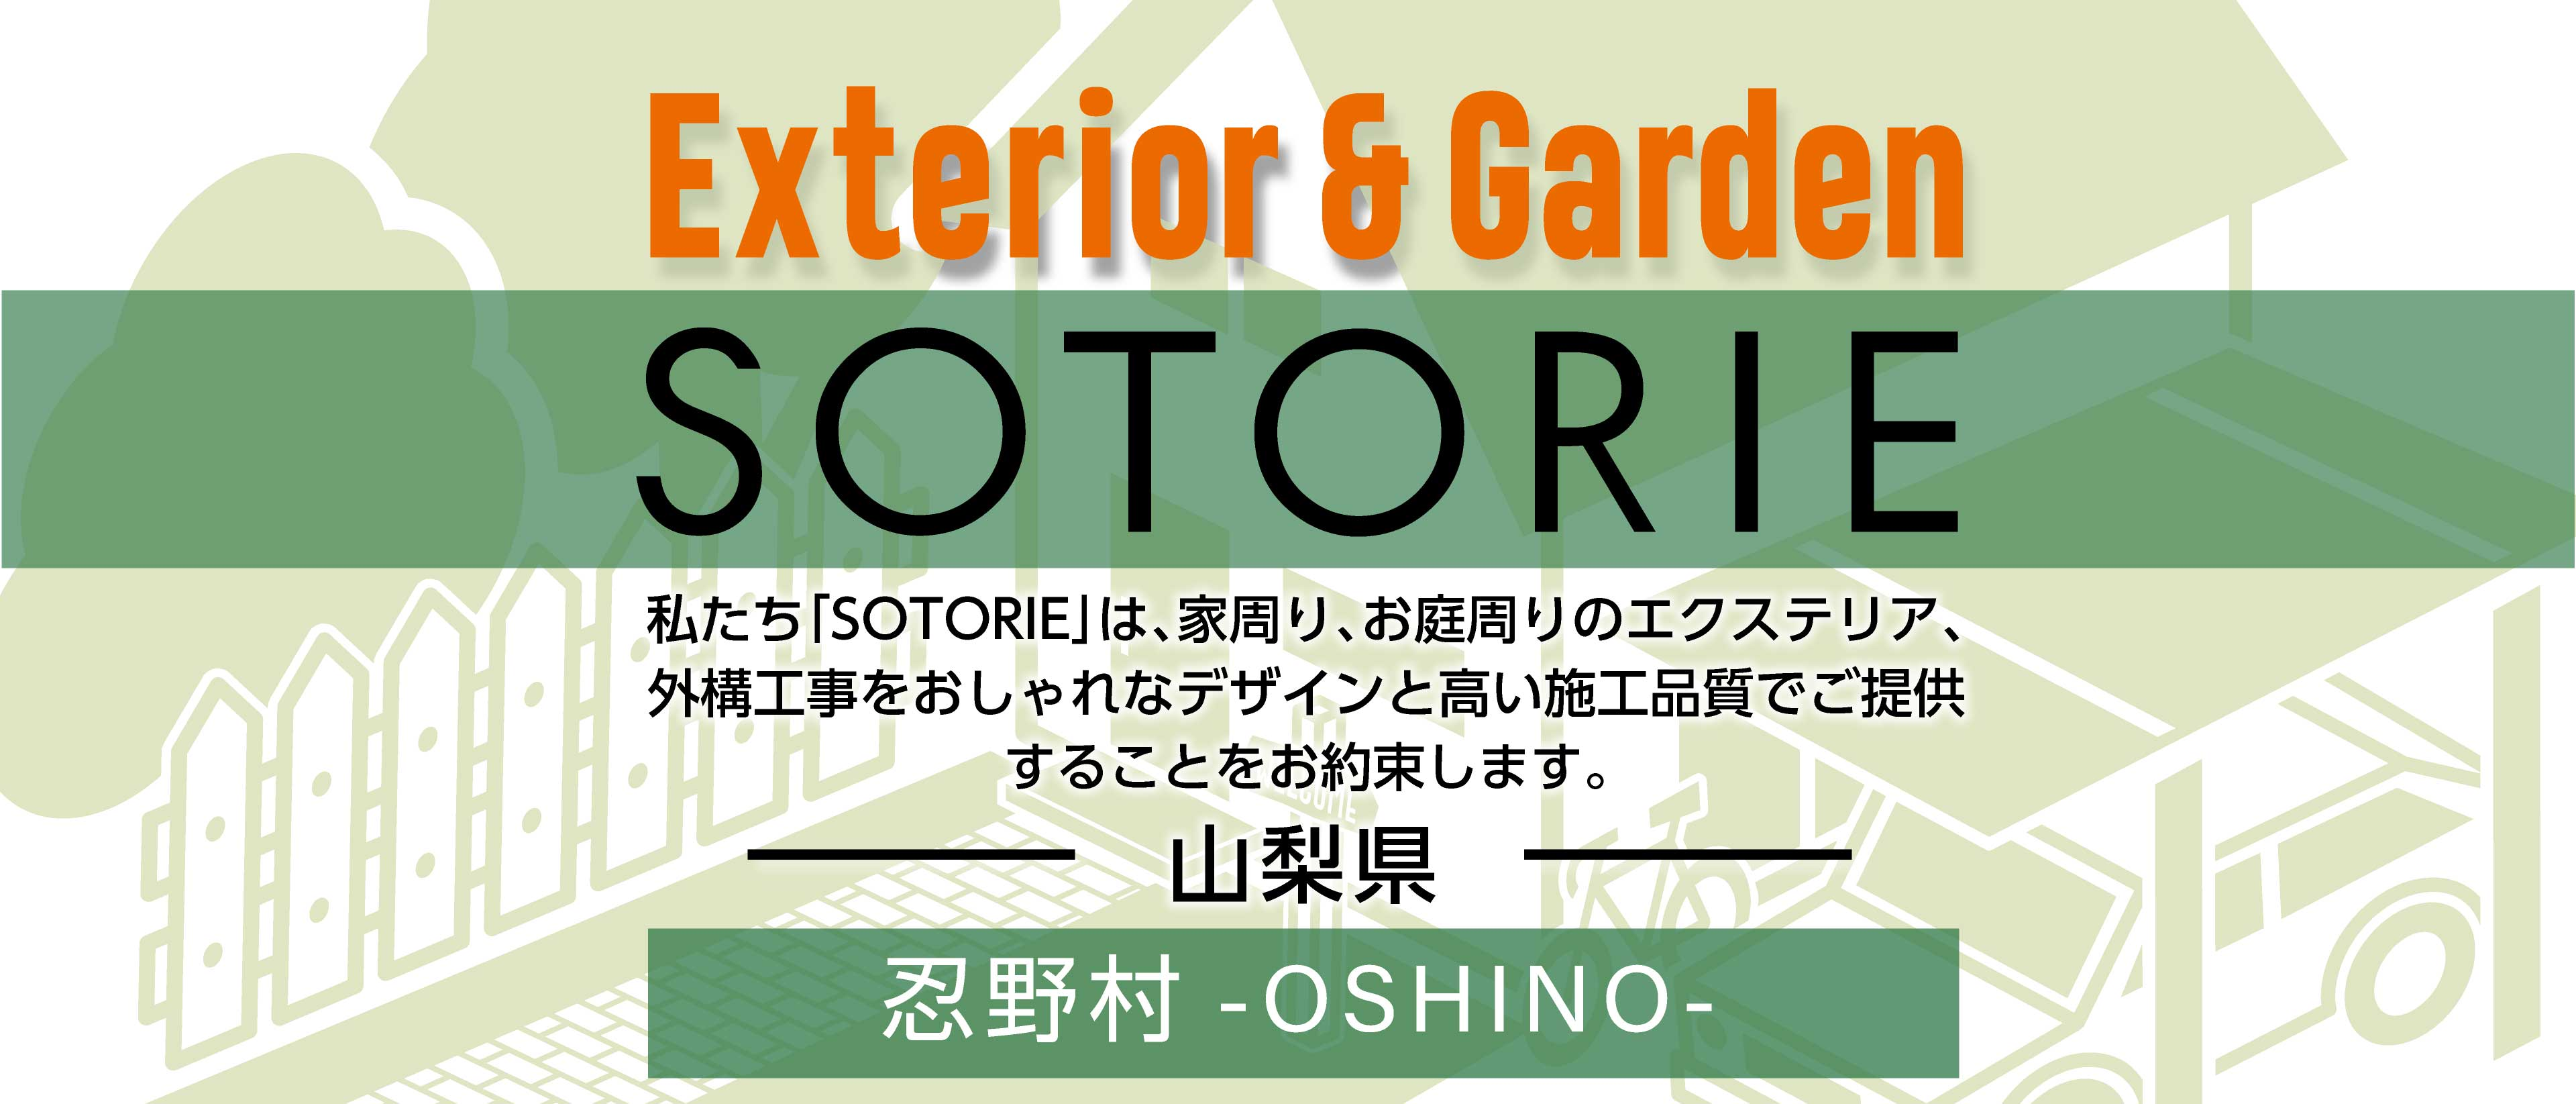 ソトリエ忍野村では、家周りと庭周りの外構、エクステリア工事をおしゃれなデザインと高い施工品質でご提供することをお約束します。